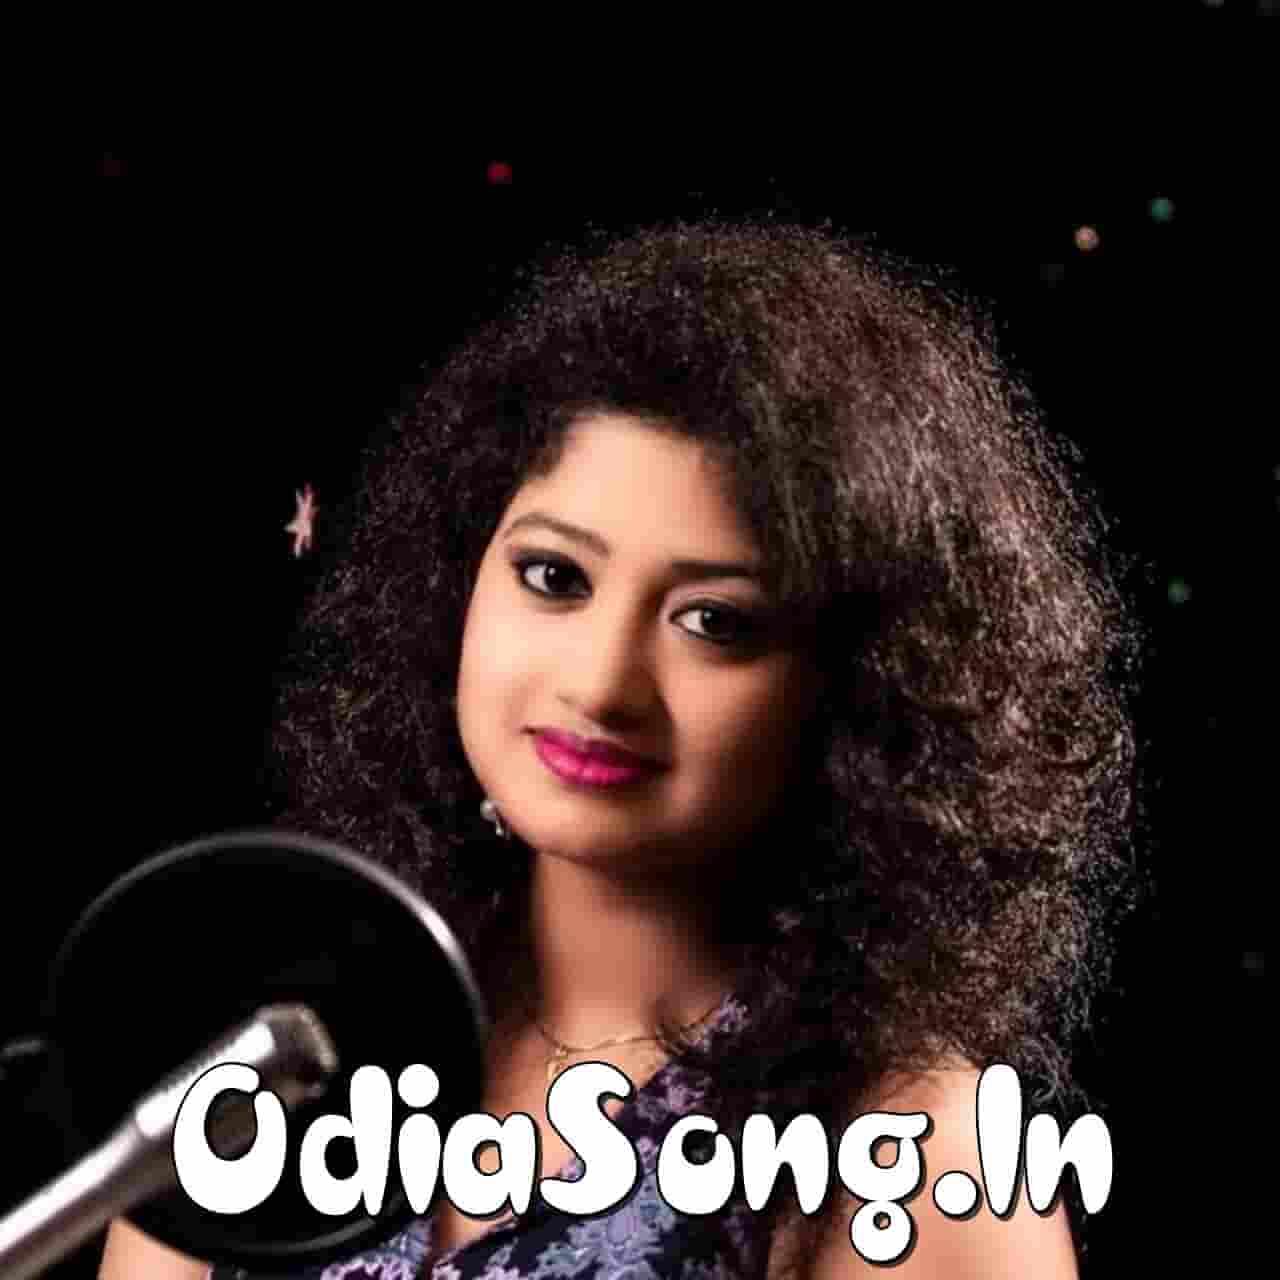 Maa Laxmi Daya Kara (Arpita Choudhury)